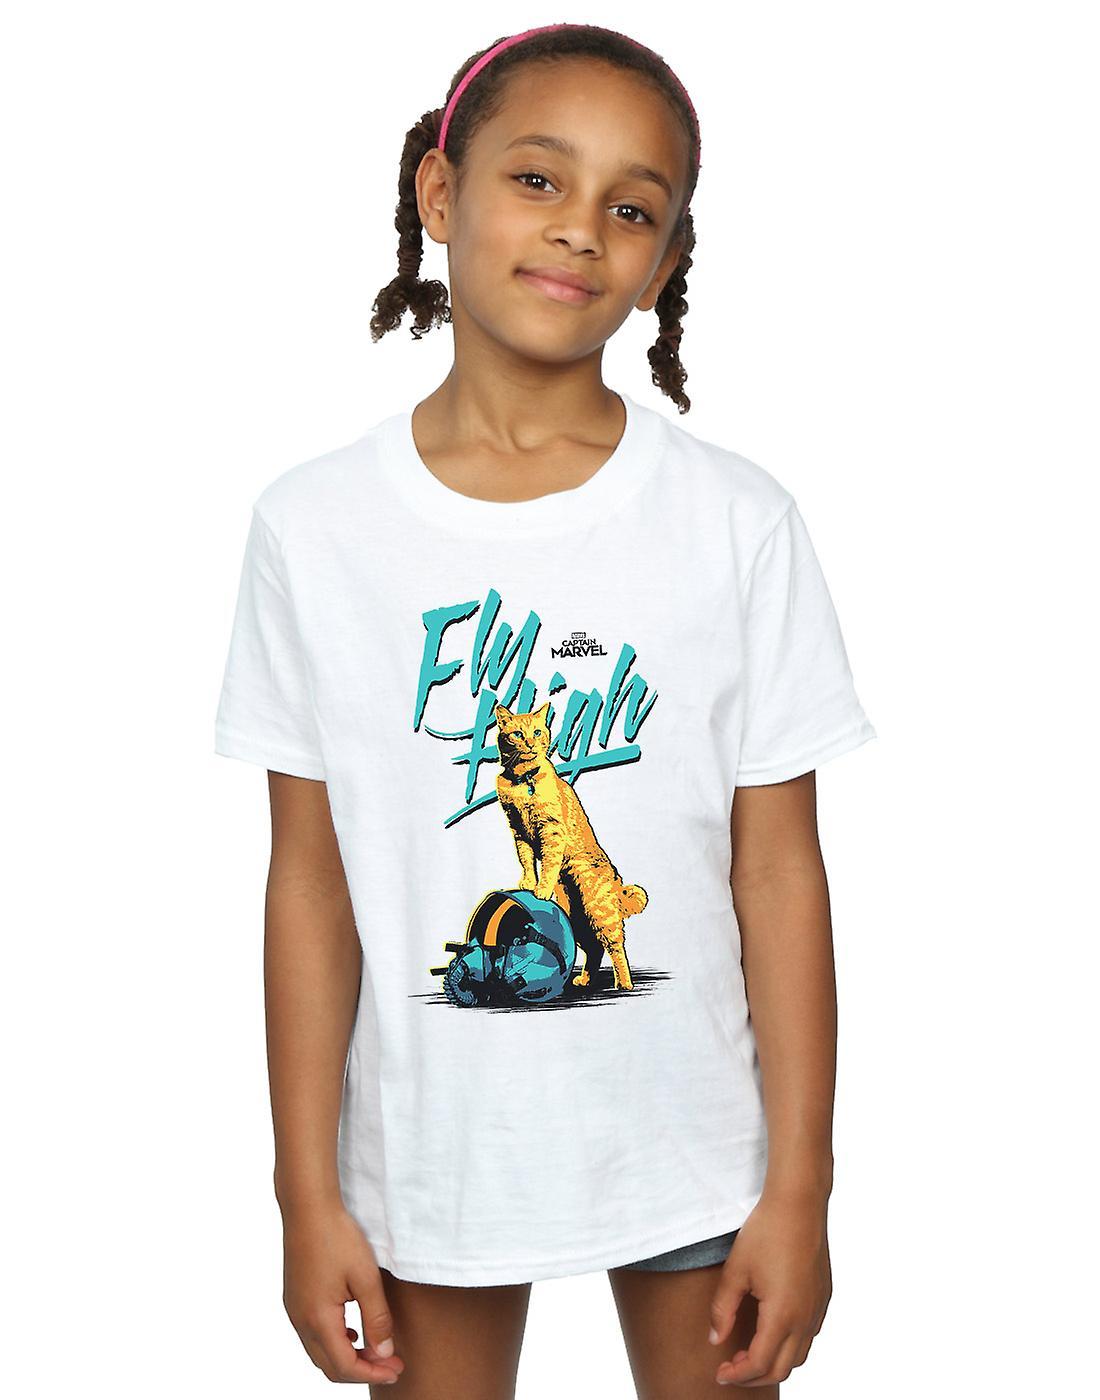 Marvel Girls Captain Marvel Fly High T-Shirt